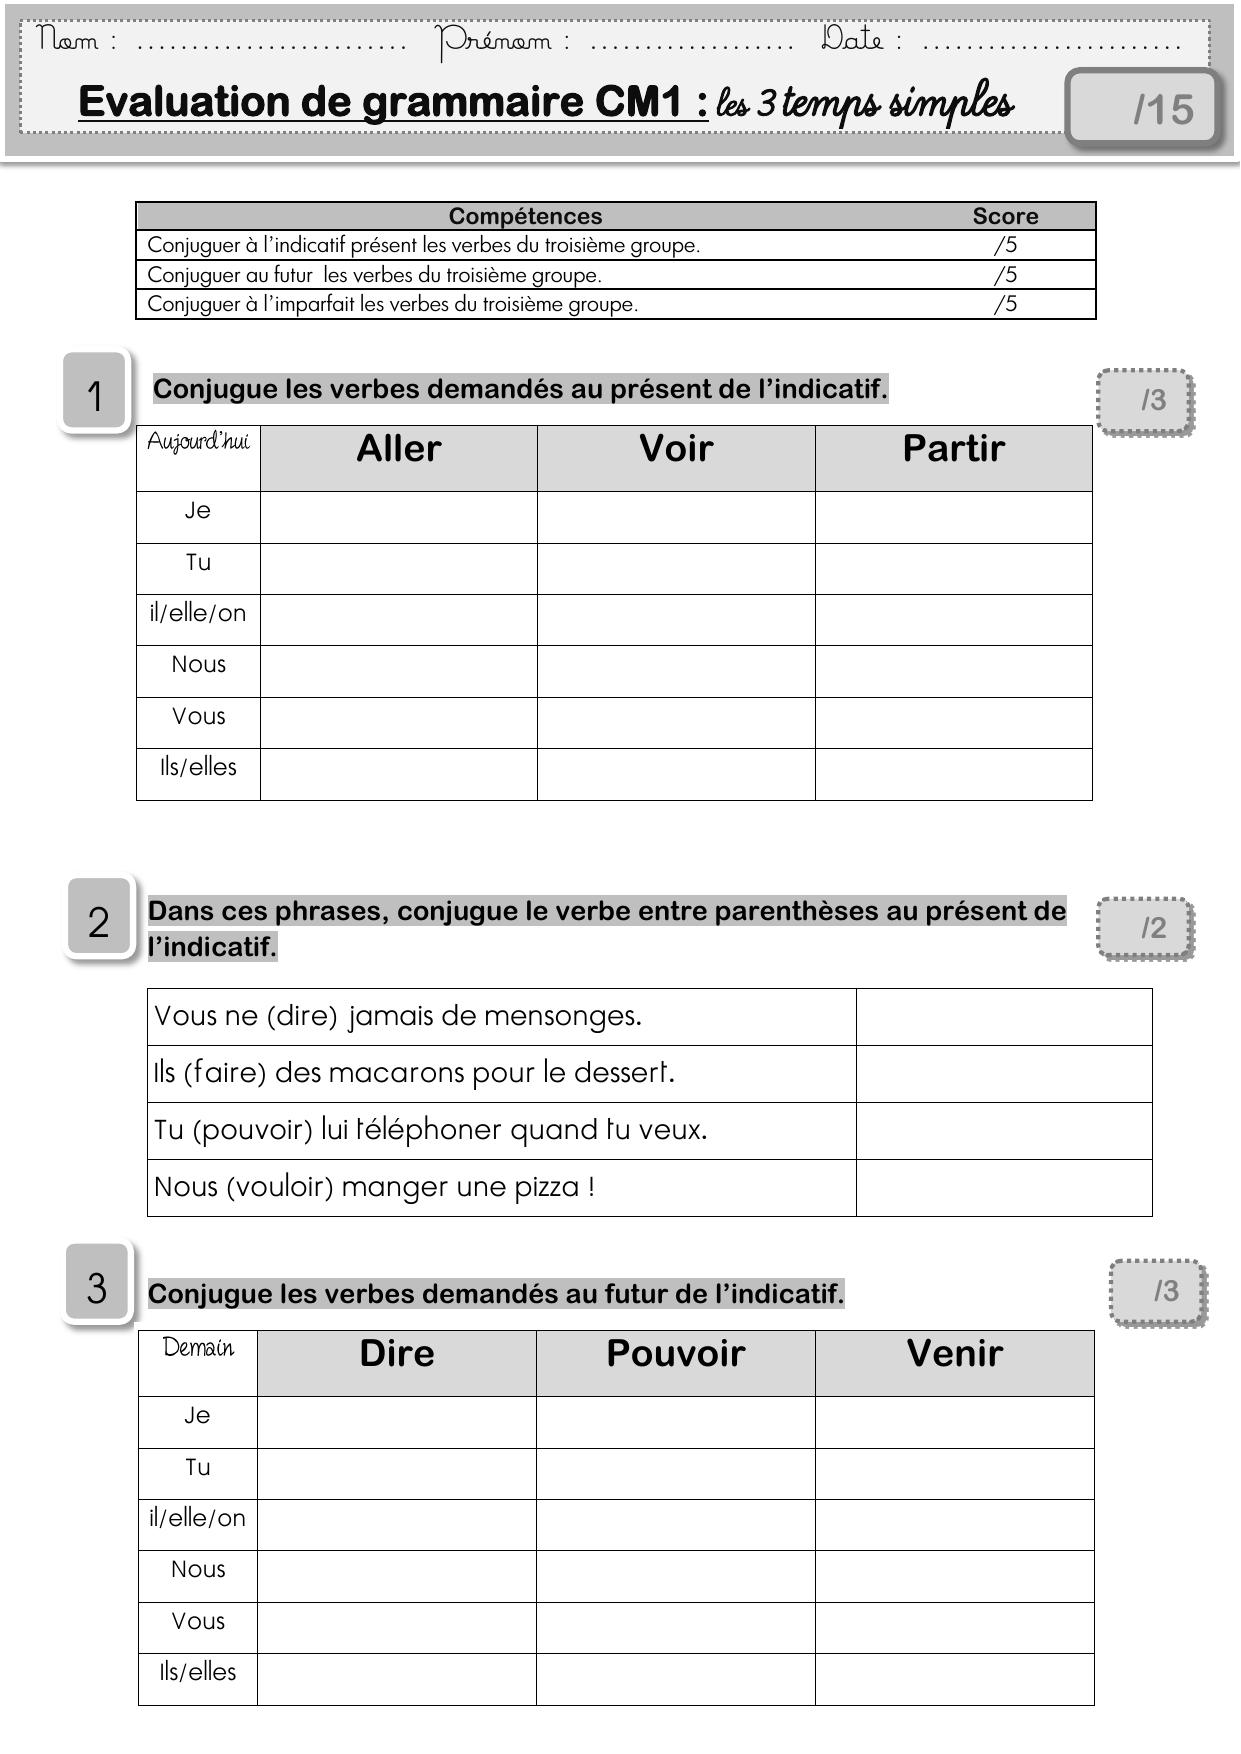 Evaluation De Grammaire Cm1 Les 3 Temps Simples 15 1 2 3